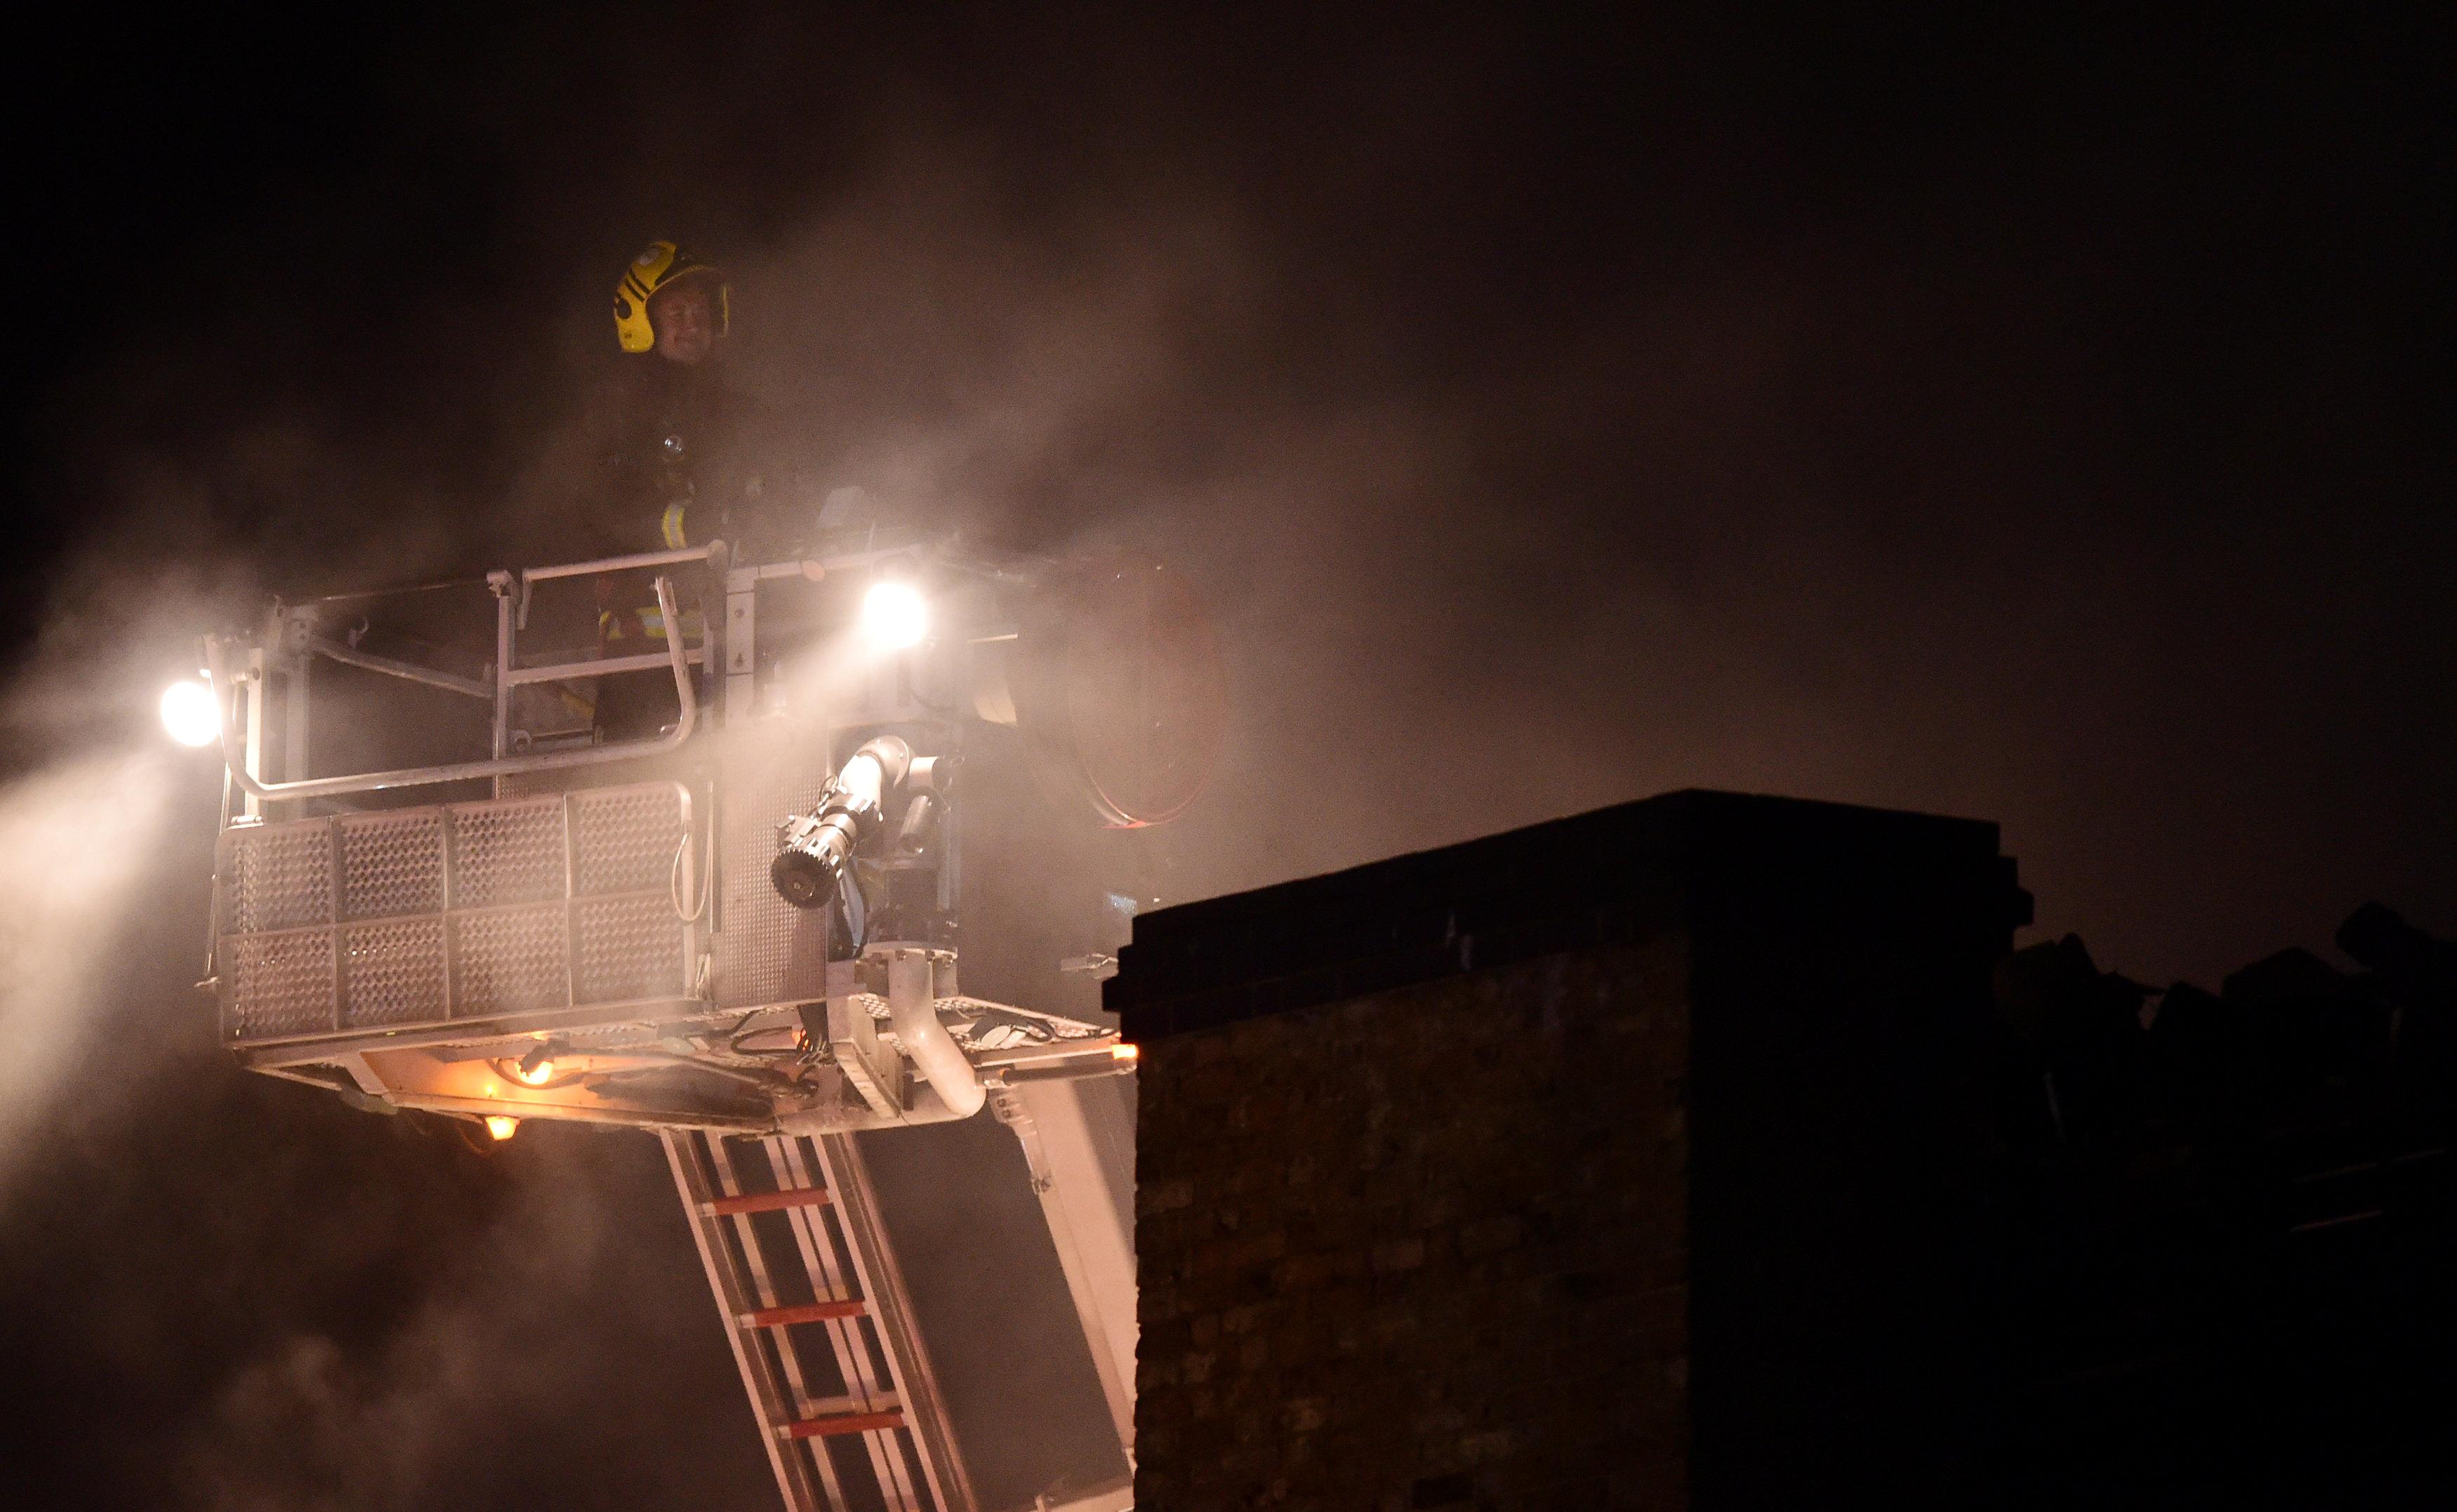 رجال الاطفاء تكافح الحريق